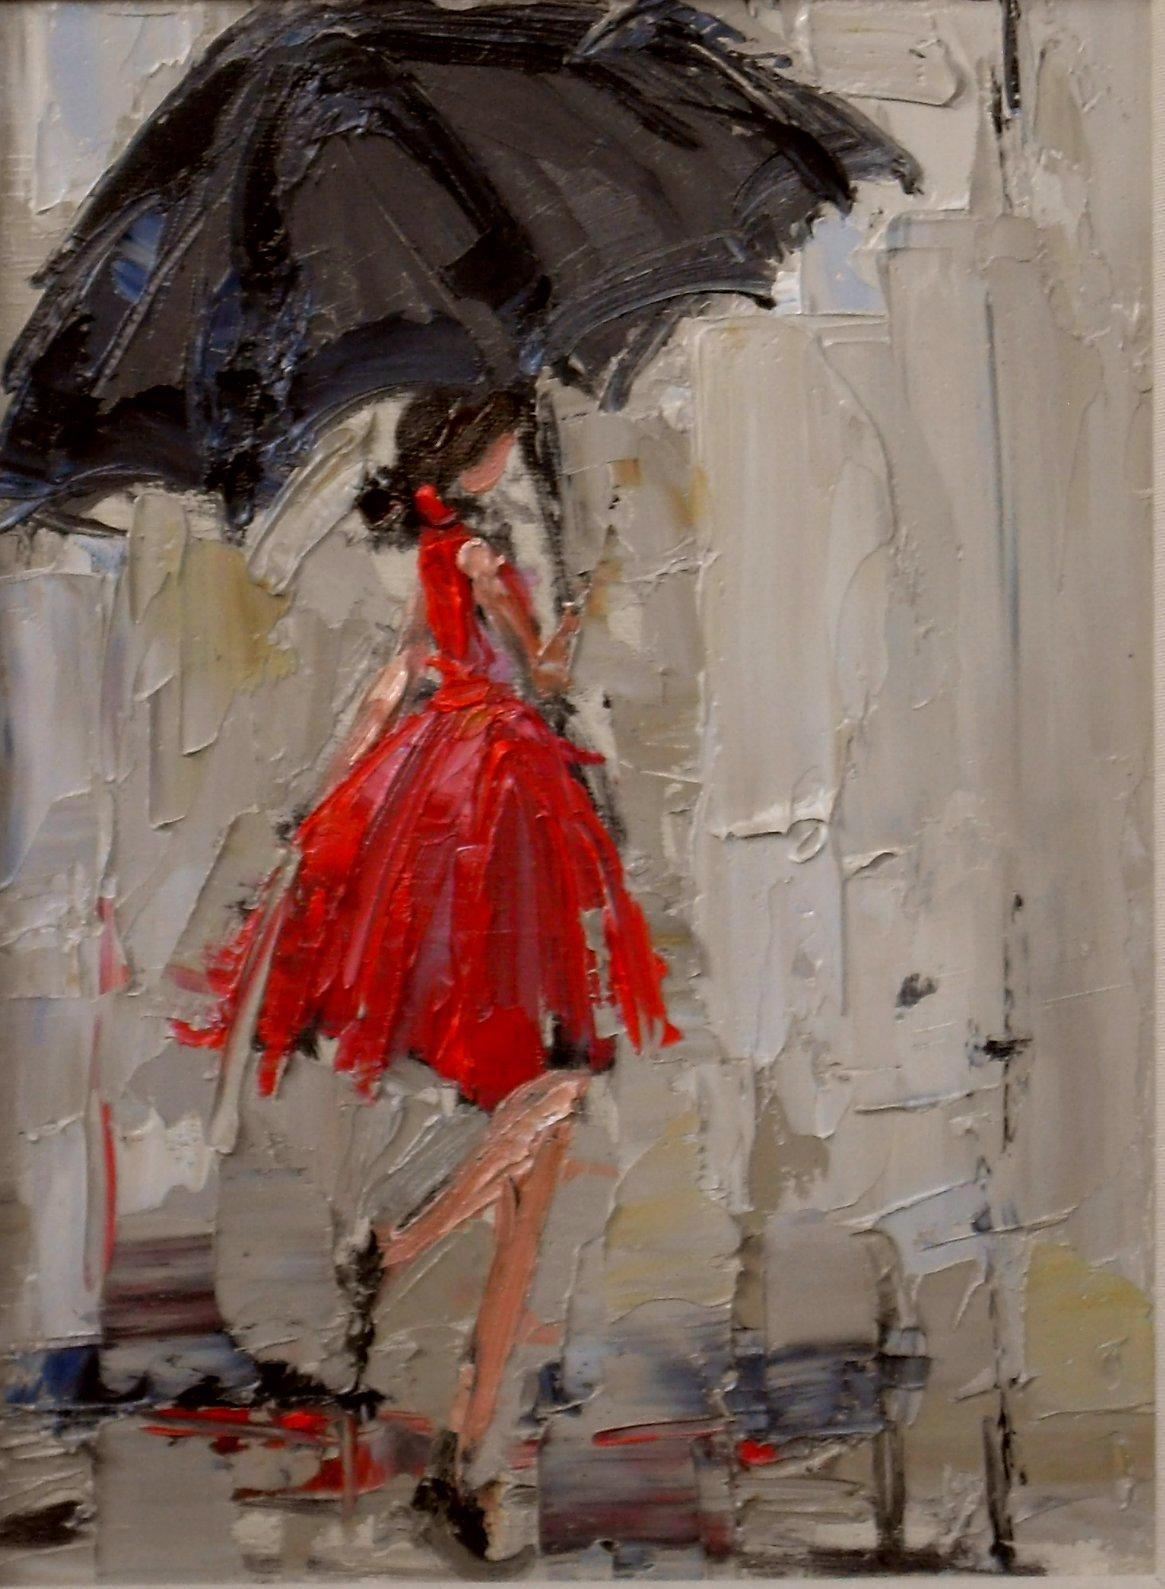 http://1.bp.blogspot.com/_PYu5e6_b_9o/THPpX5IAiTI/AAAAAAAAAmg/-wDUFqPitxU/s1600/dancing%2Bin%2Bthe%2Brain%2B2.new.JPG